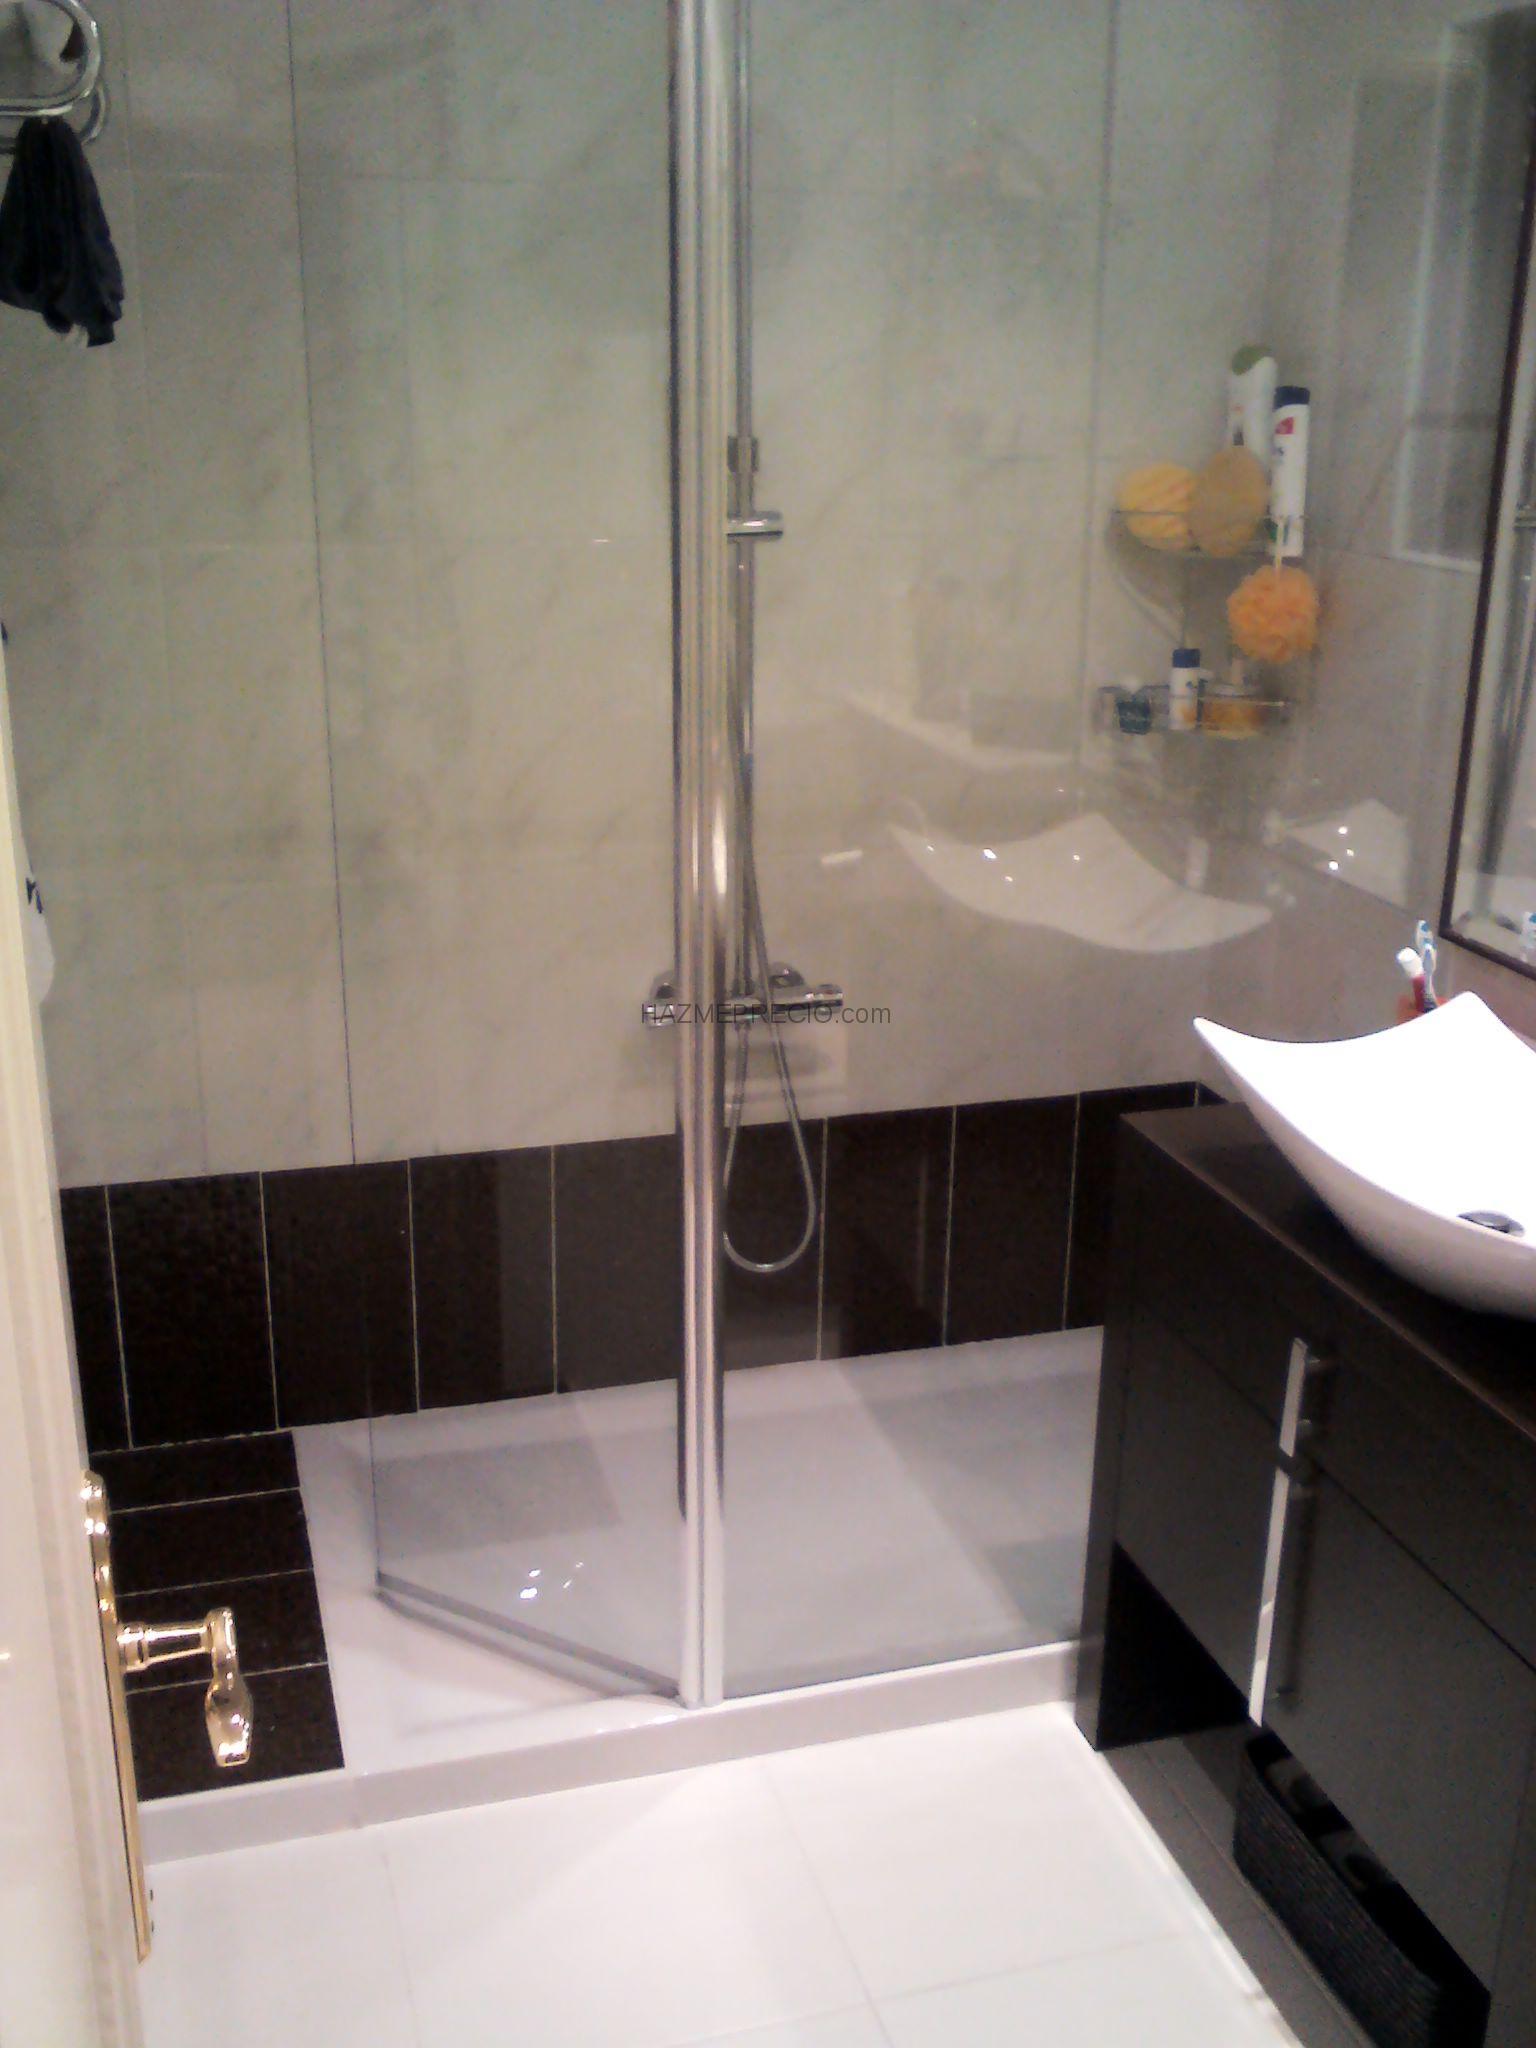 Reforma Baño Banera Por Ducha:cambio a plato de ducha